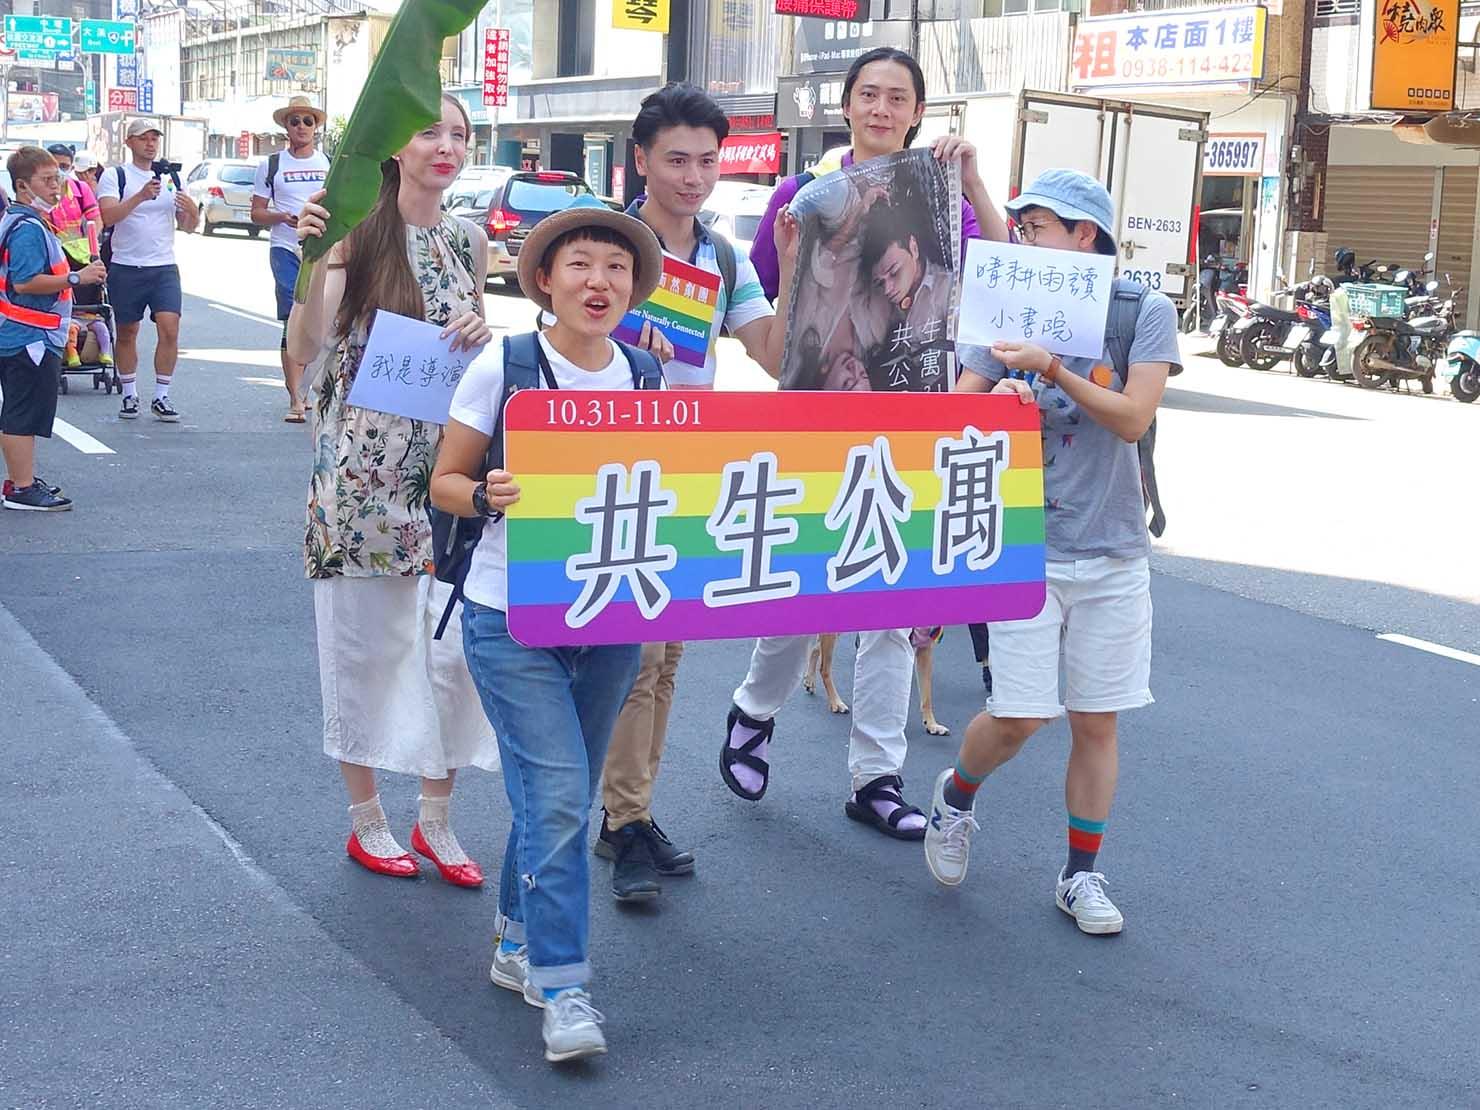 台湾・桃園のLGBTプライド「桃園彩虹野餐日」2020のパレードを歩くグループ